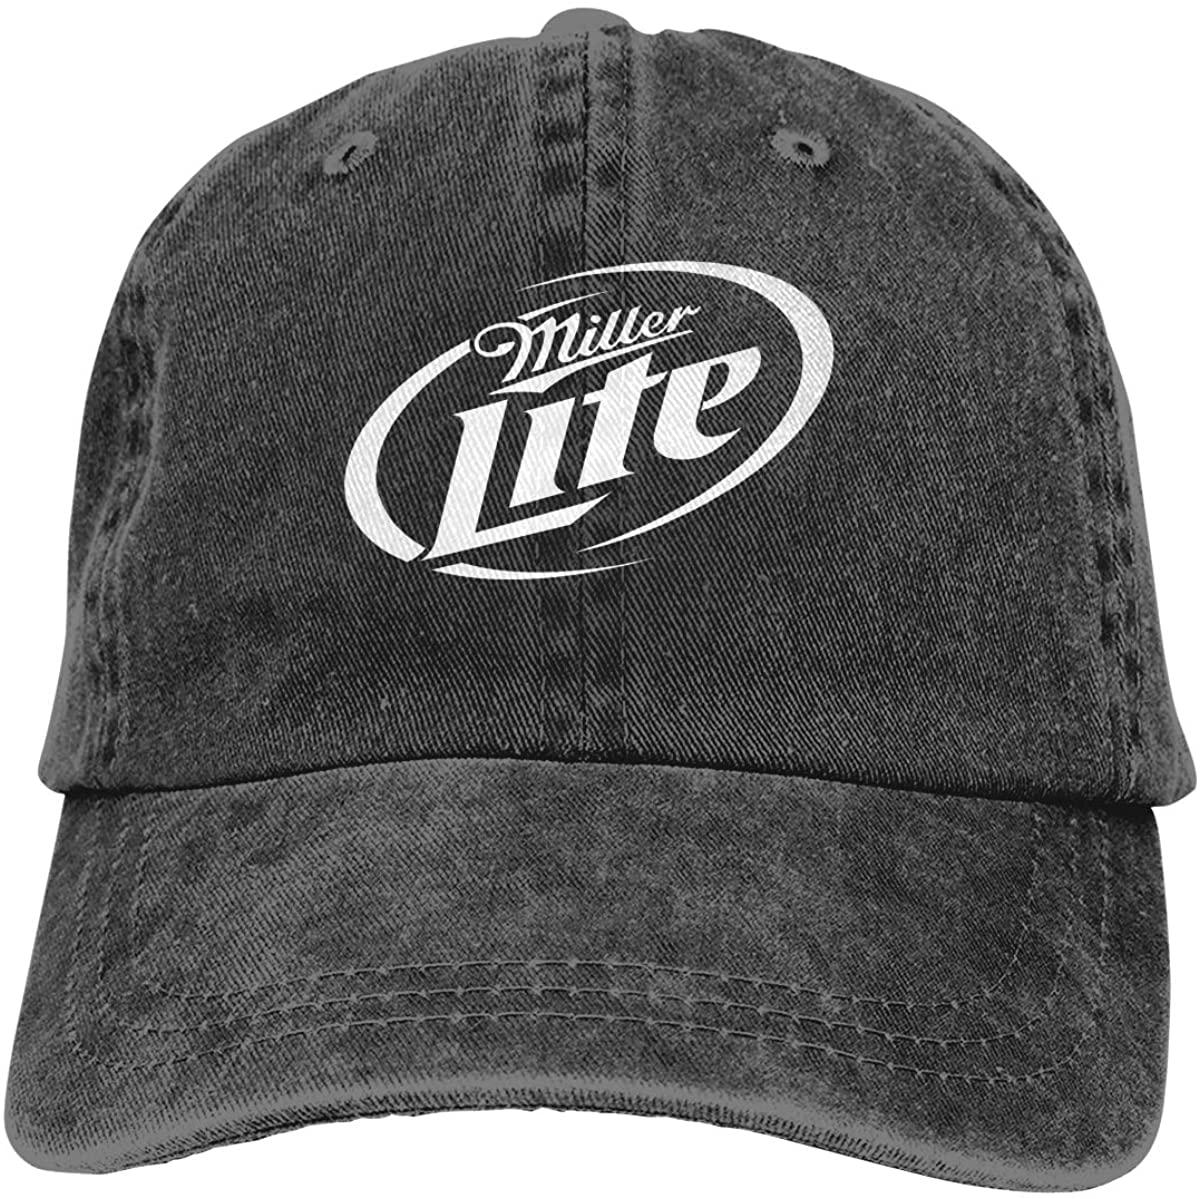 MaMing Miller Lite Fashion Casquettes Unisex Cap Adjustable Men Women Casual Cowboy Hat